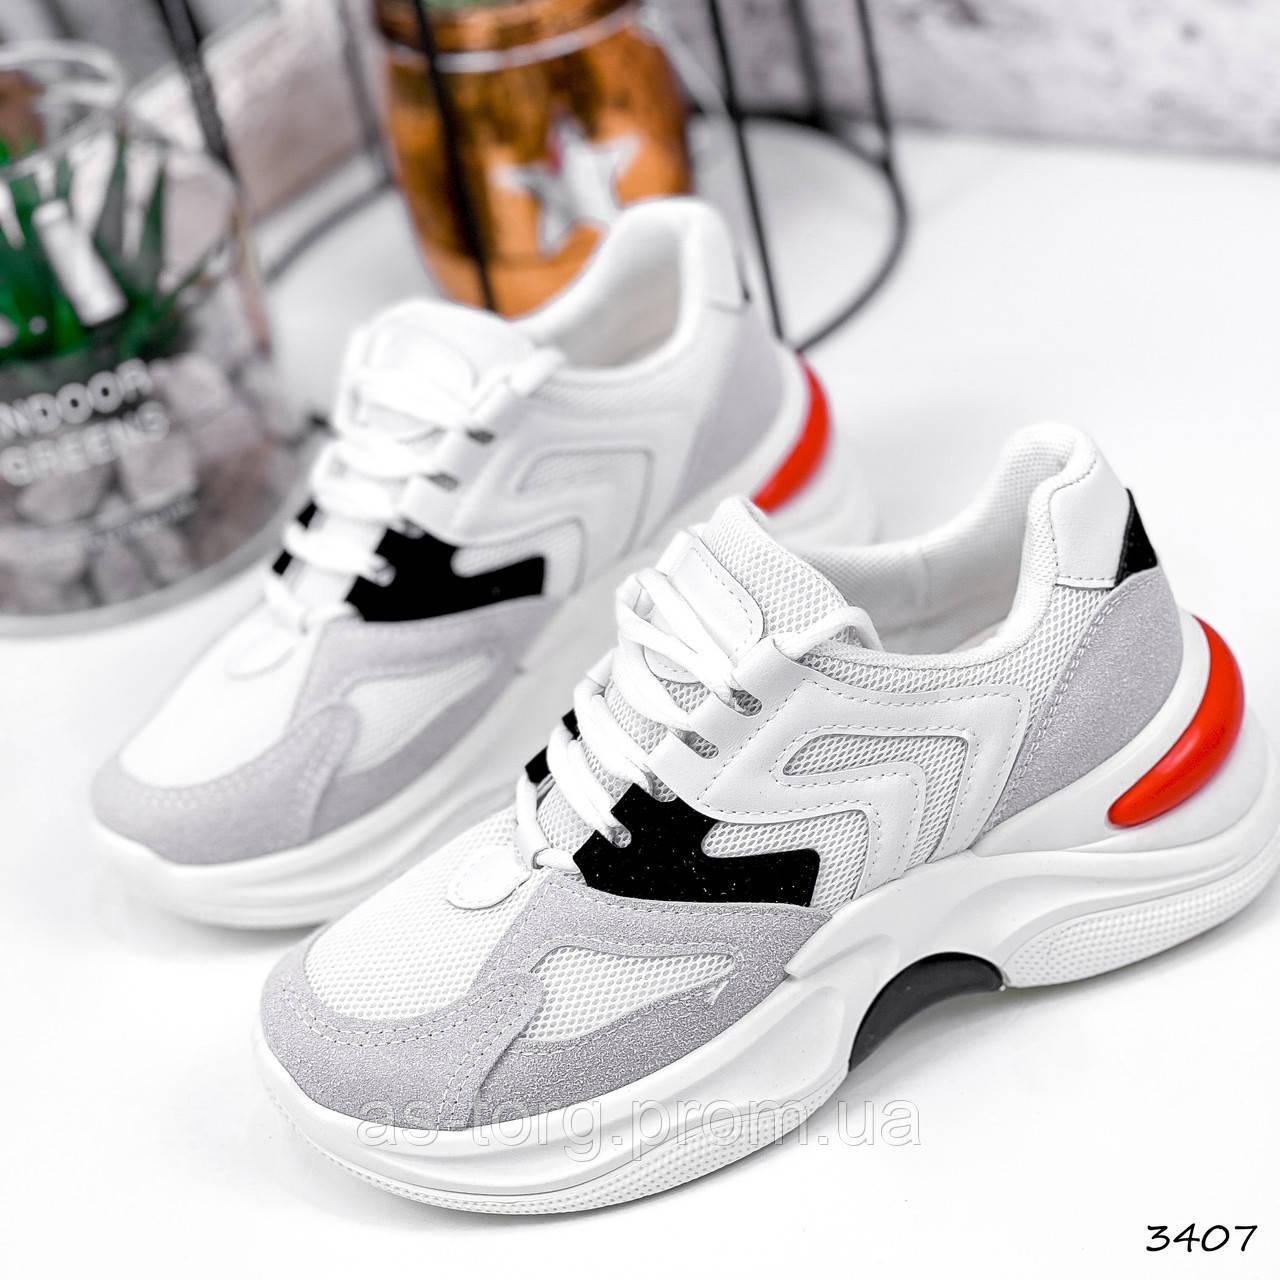 Кросівки жіночі Marit білі + сірий + чорний + червоний 3407